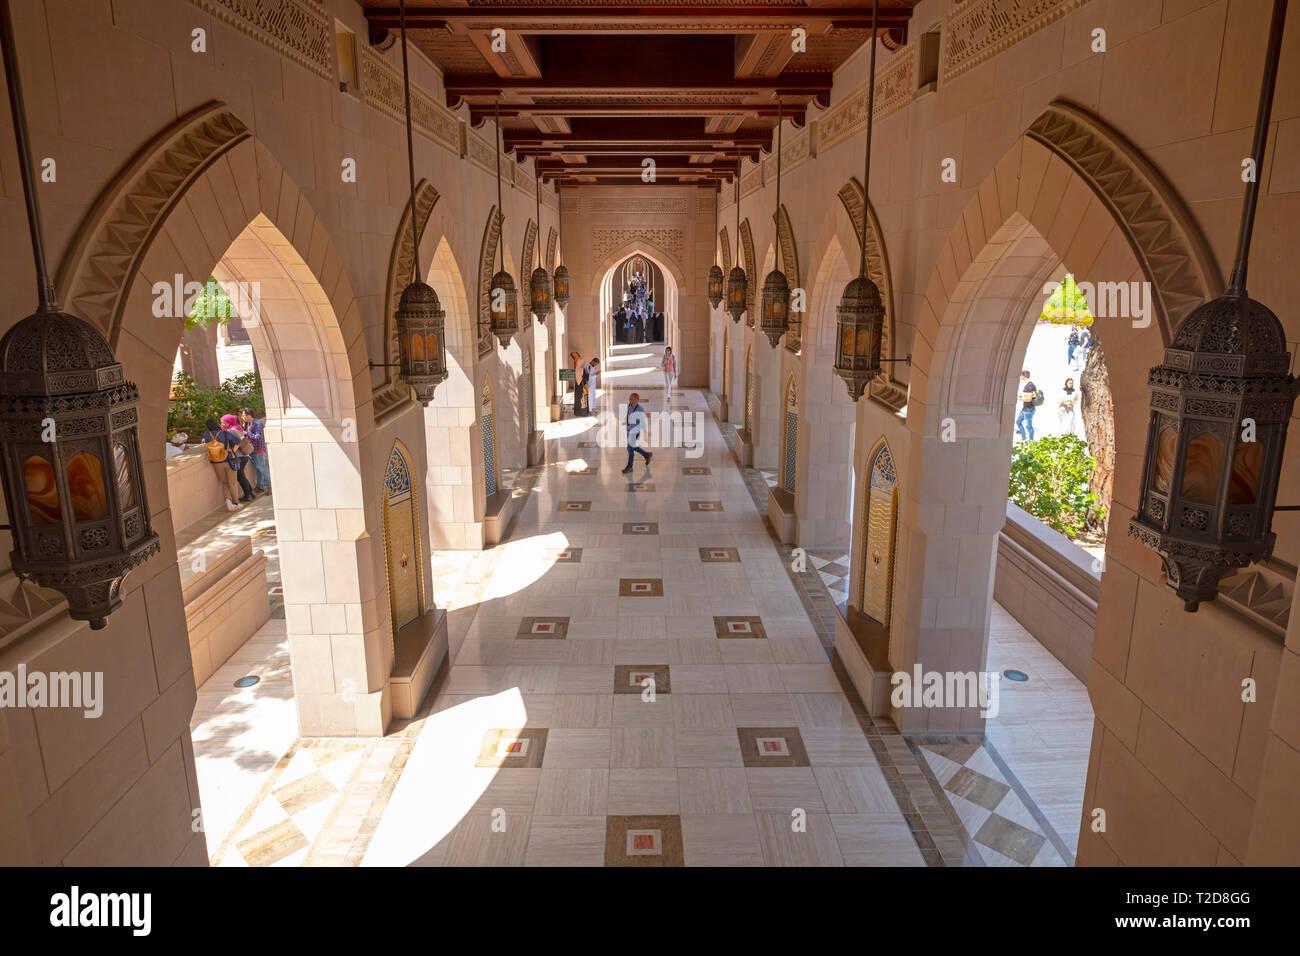 Gran Mezquita Sultan Qaboos en Muscat, Omán Foto de stock